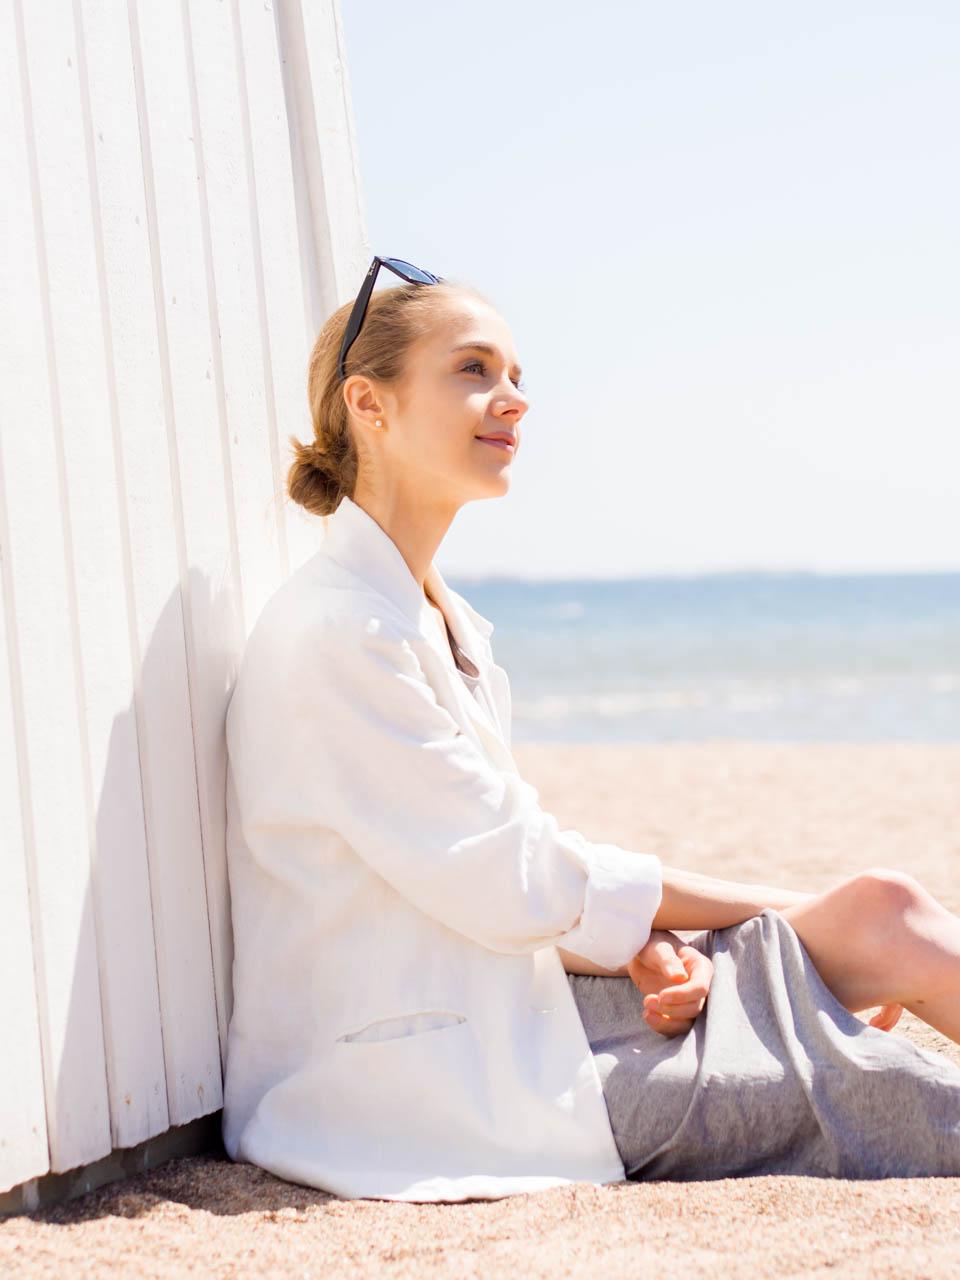 grey-dress-linen-blazer-ray-ban-wayfarer-fashion-blogger-outfit-harmaa-mekko-pellava-bleiseri-aurinkolasit-muoti-muotiblogi-hanko-kesä